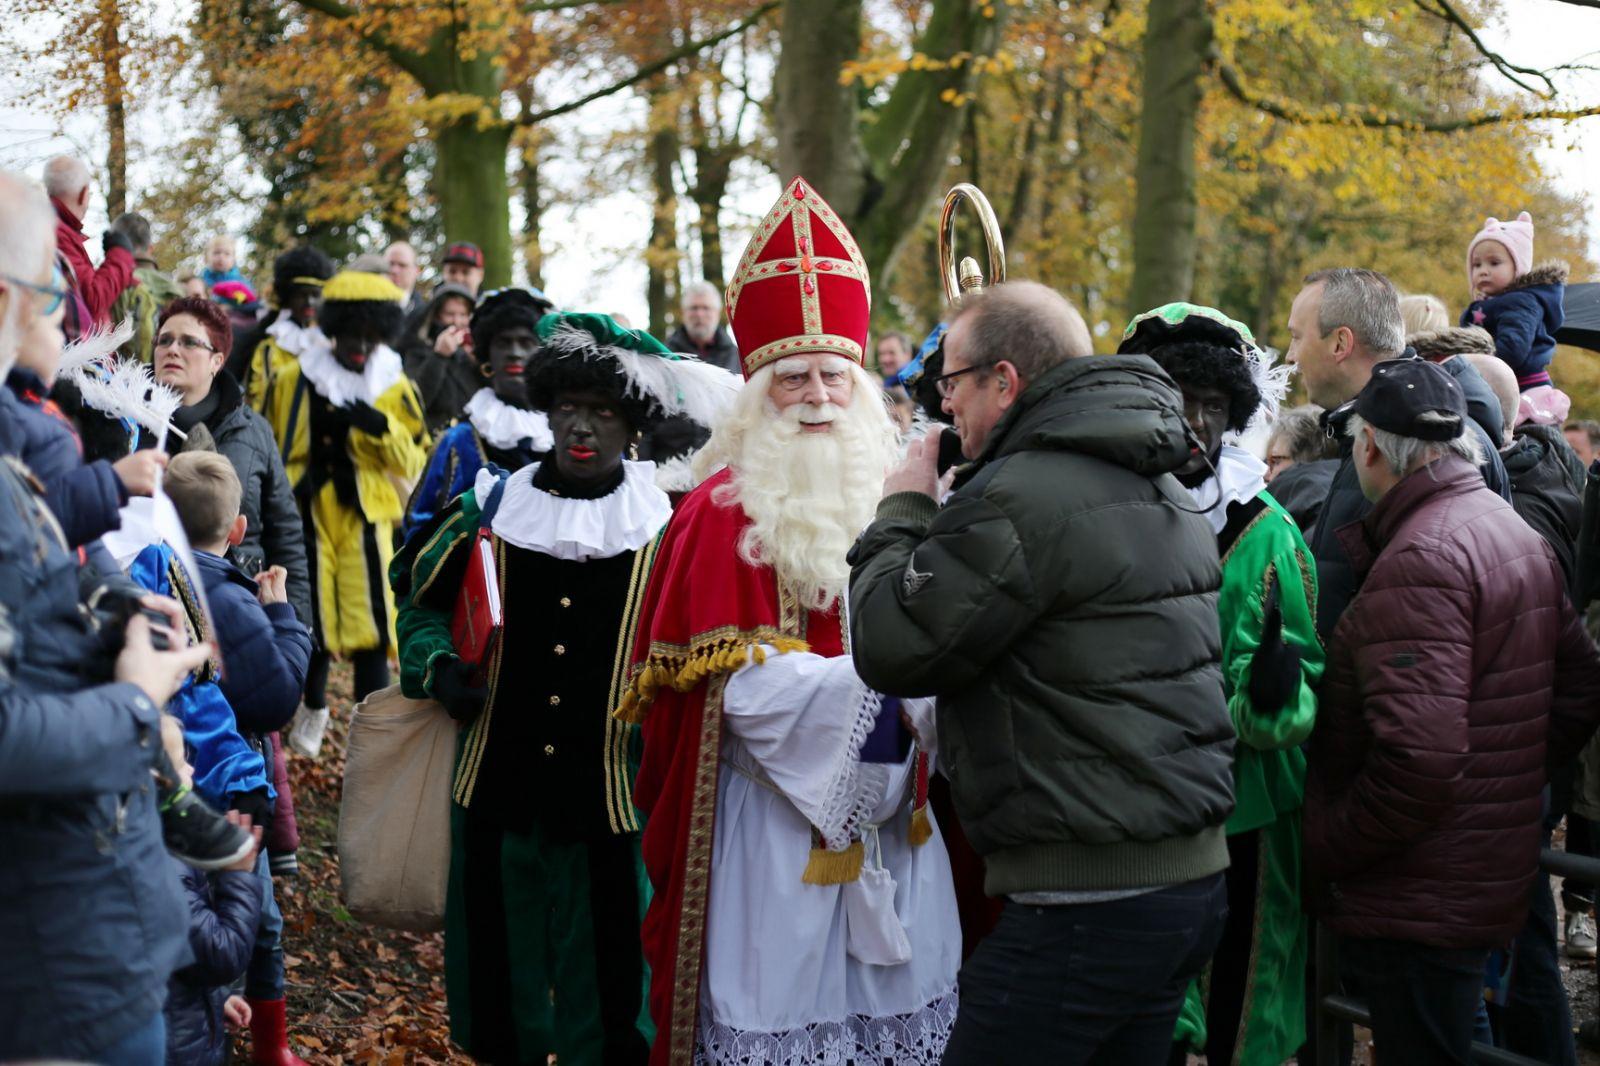 Foto S Sinterklaas Intocht Delden 2016 Online Nieuws Nieuws Uit Delden Het Laatste Nieuws Als Eerste